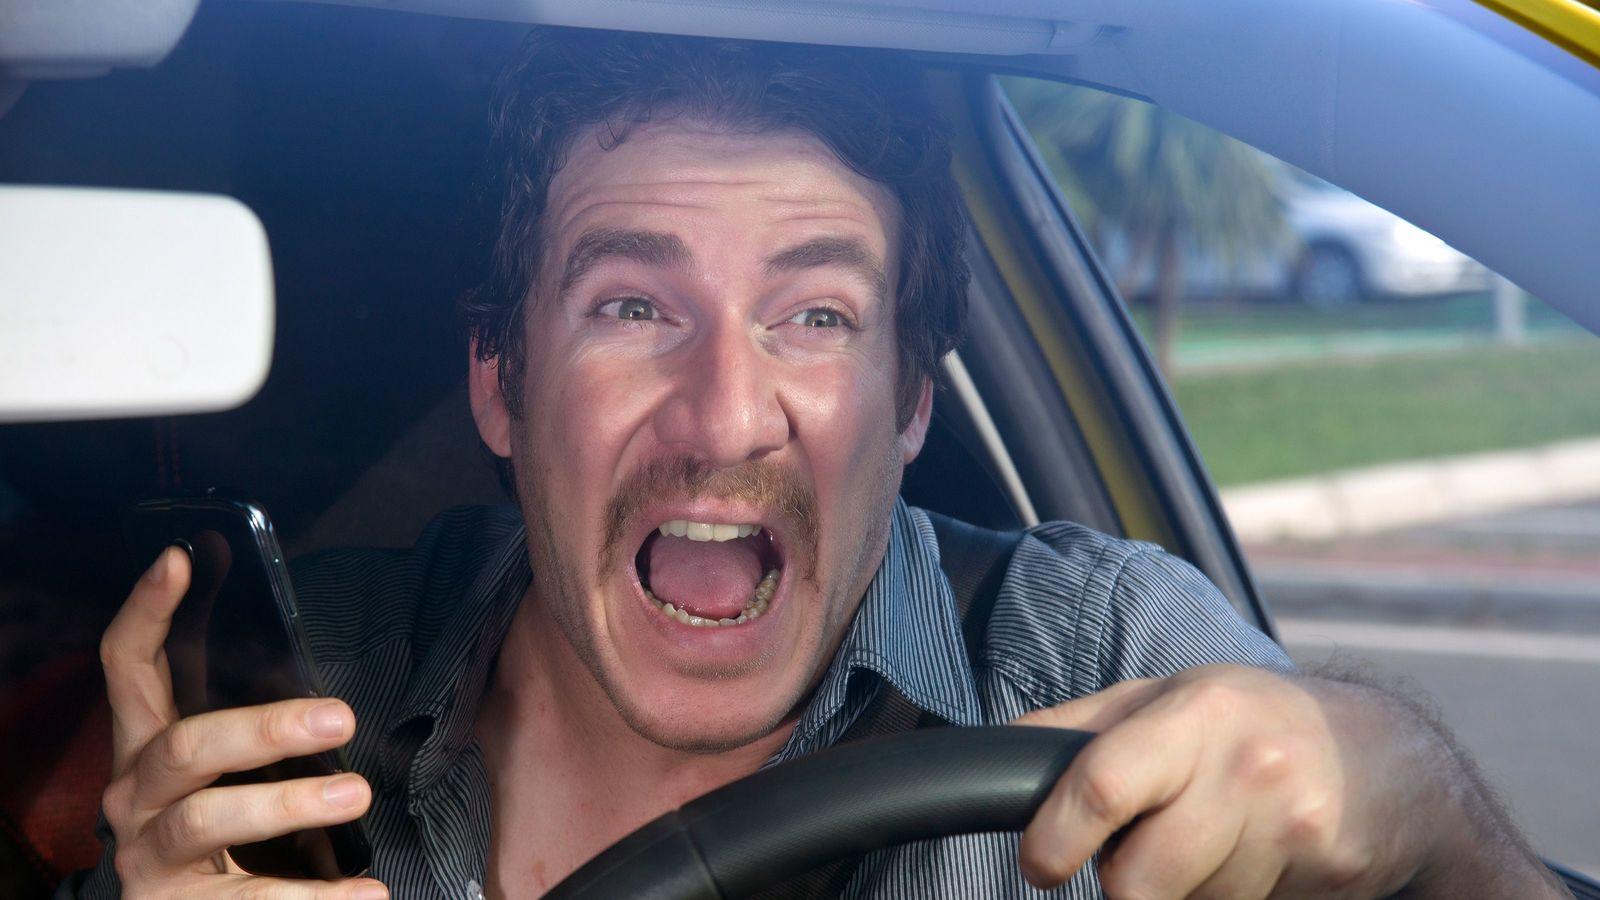 元トラック運転手が教える「あおり運転」をする人の4大特徴 「高級車に乗った凡人」には要注意